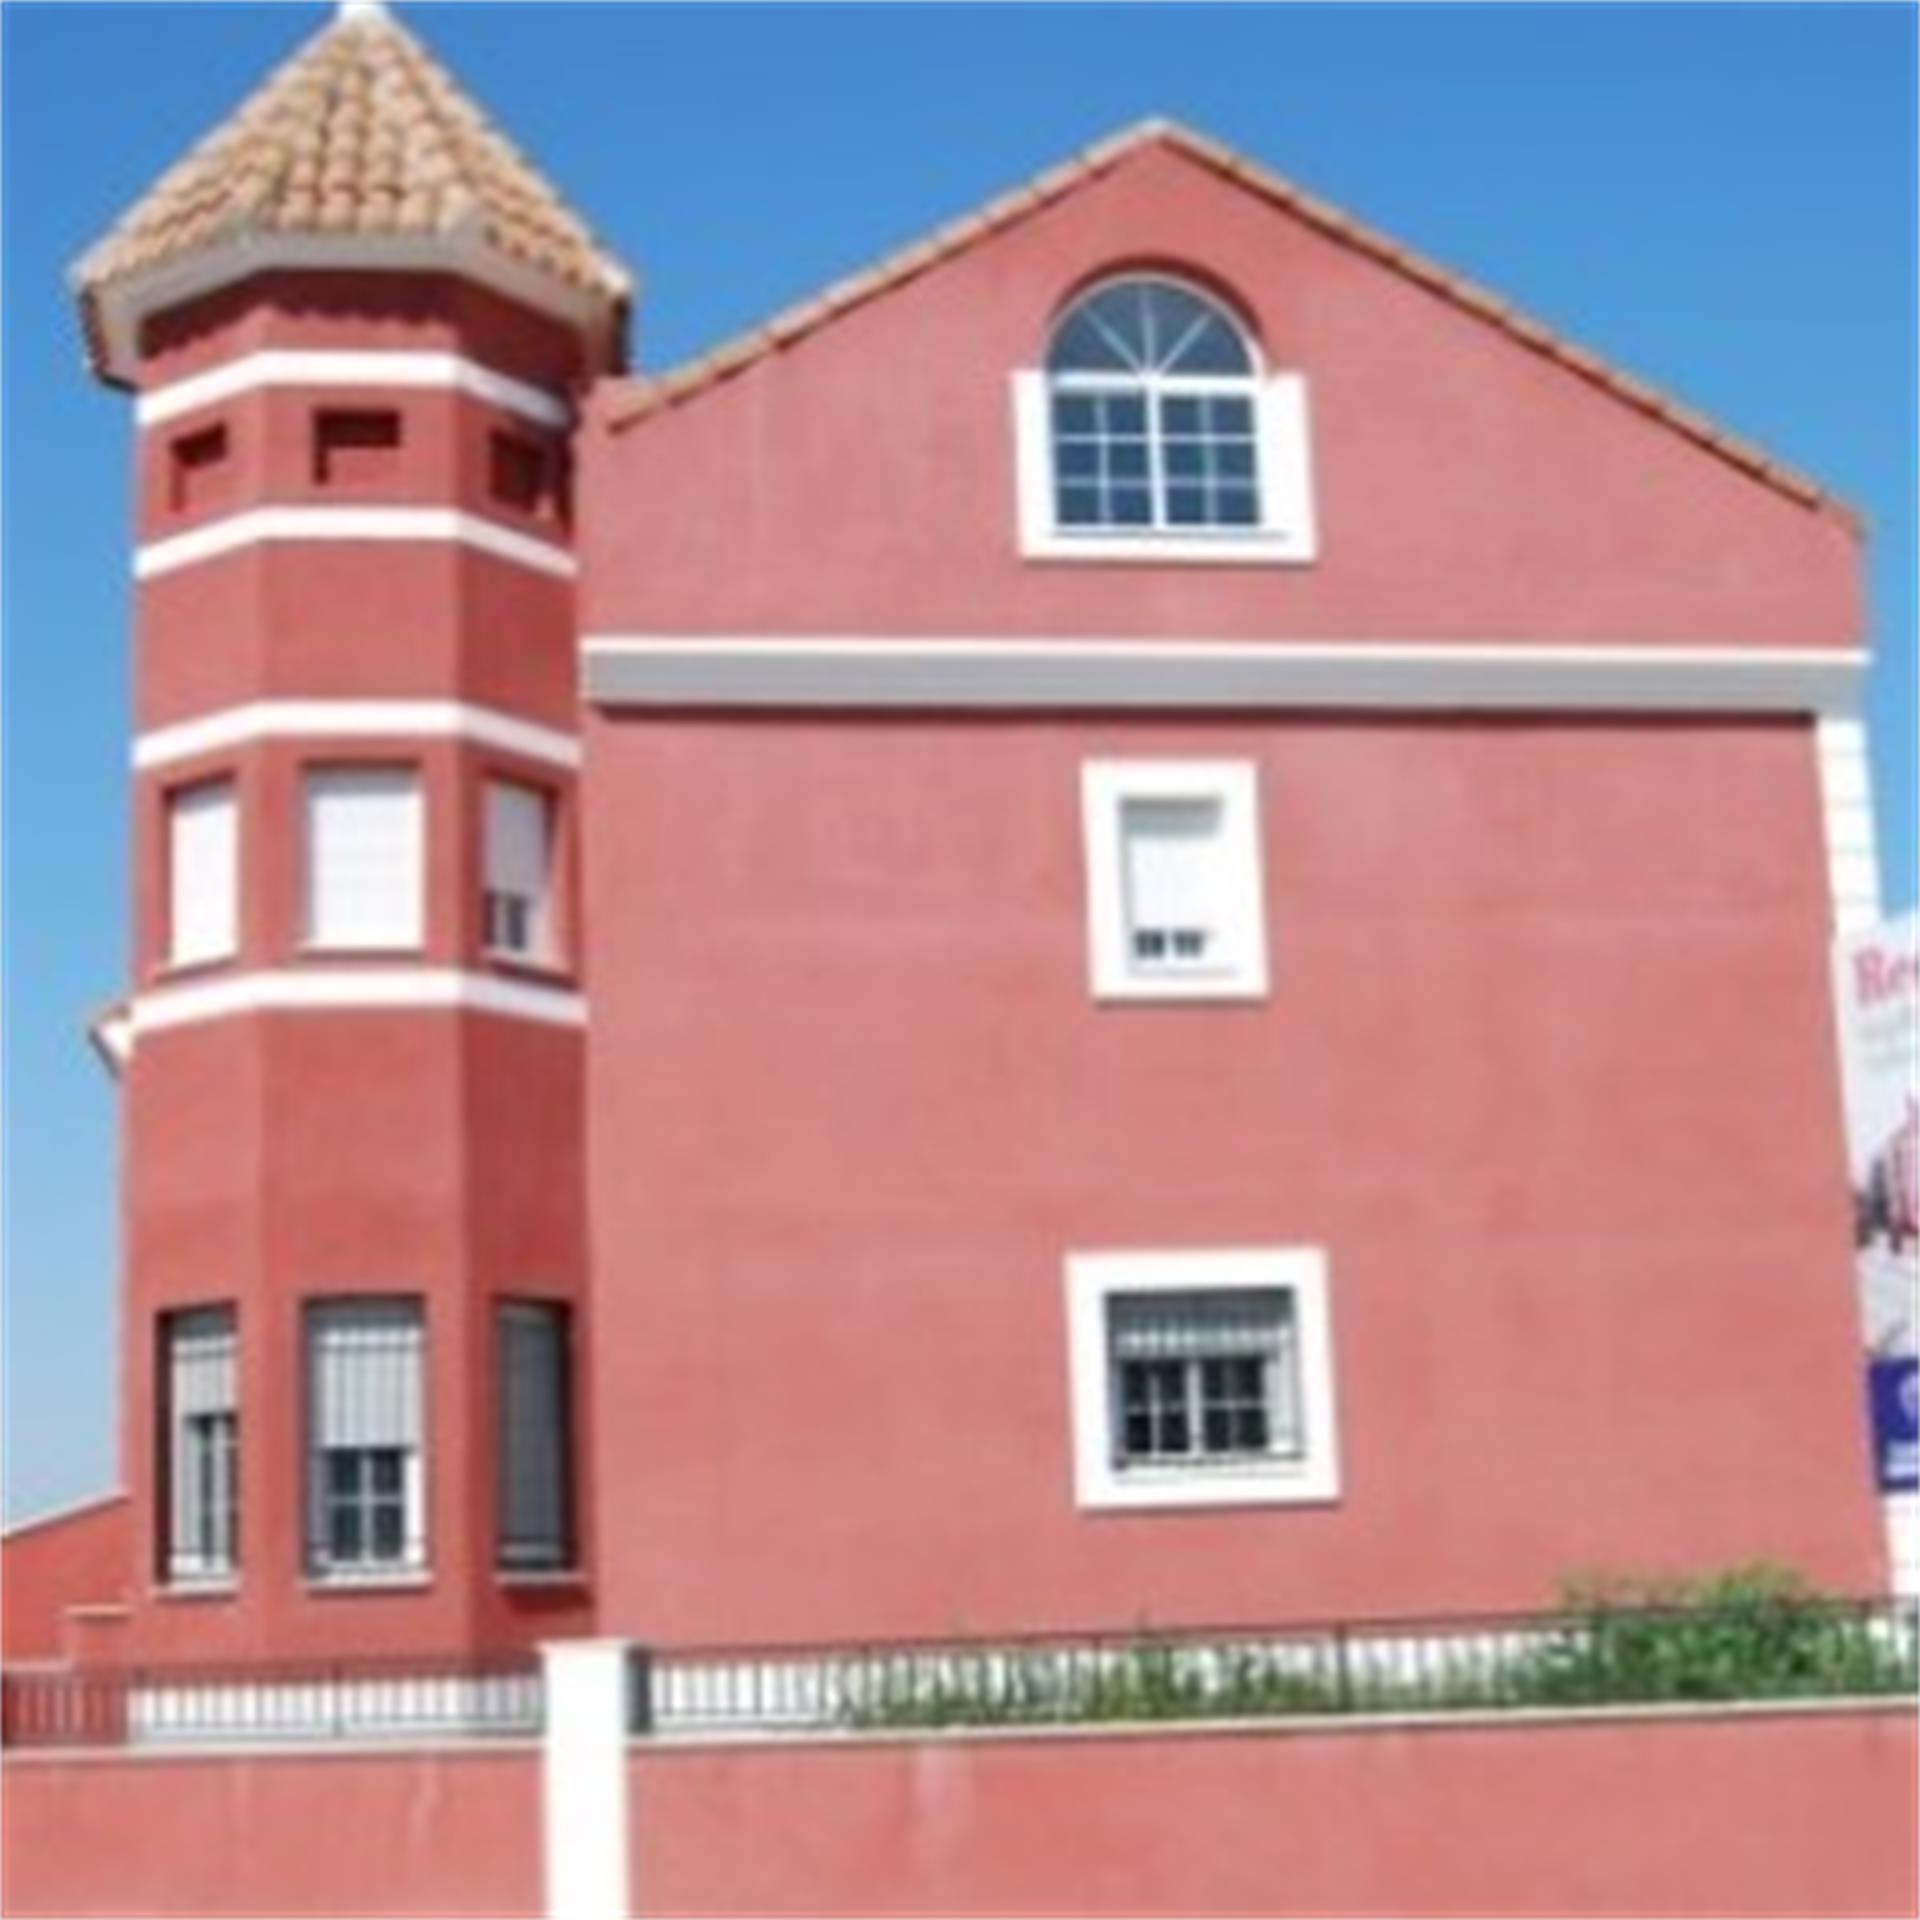 Casa adosada  Calle uruguay. Casco histórico / calle uruguay